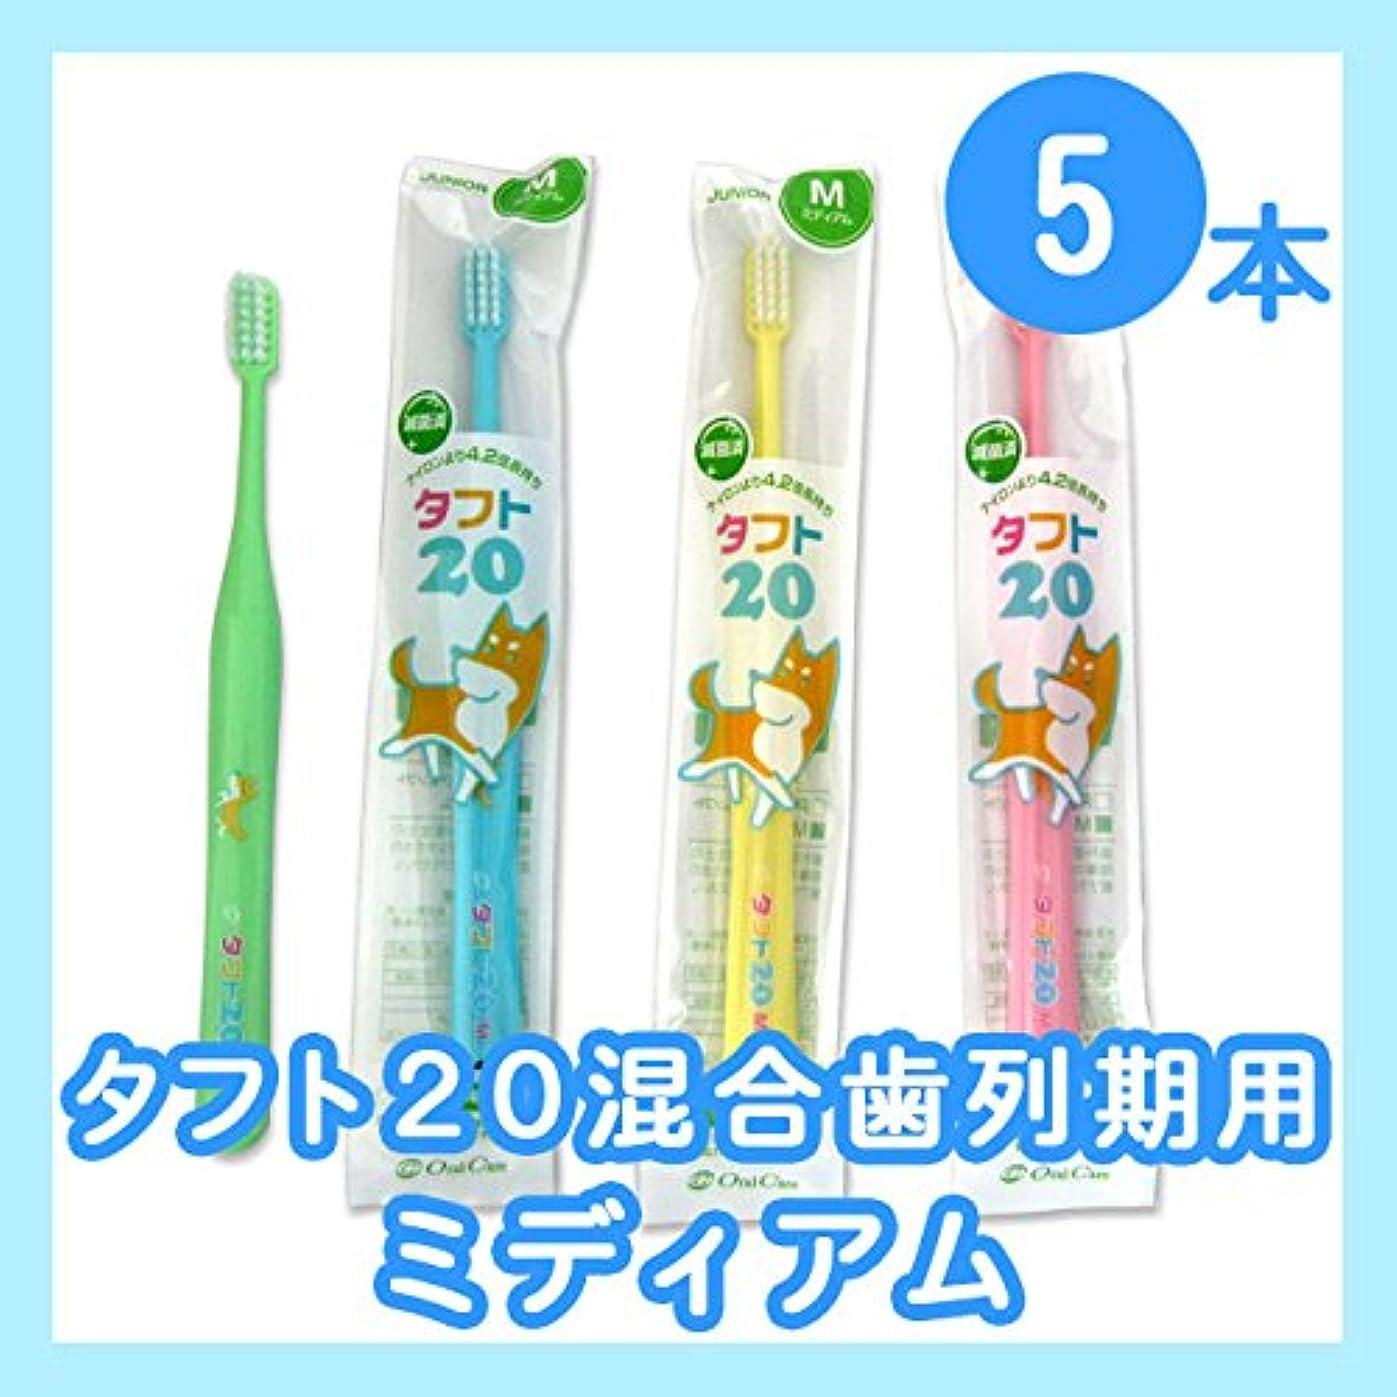 インシデント素晴らしい良い多くの含むタフト20 5本 オーラルケア タフト20/ミディアム 混合歯列期用(6~12歳)こども歯ブラシ 5本セット 子供 歯ブラシ【 ピンク